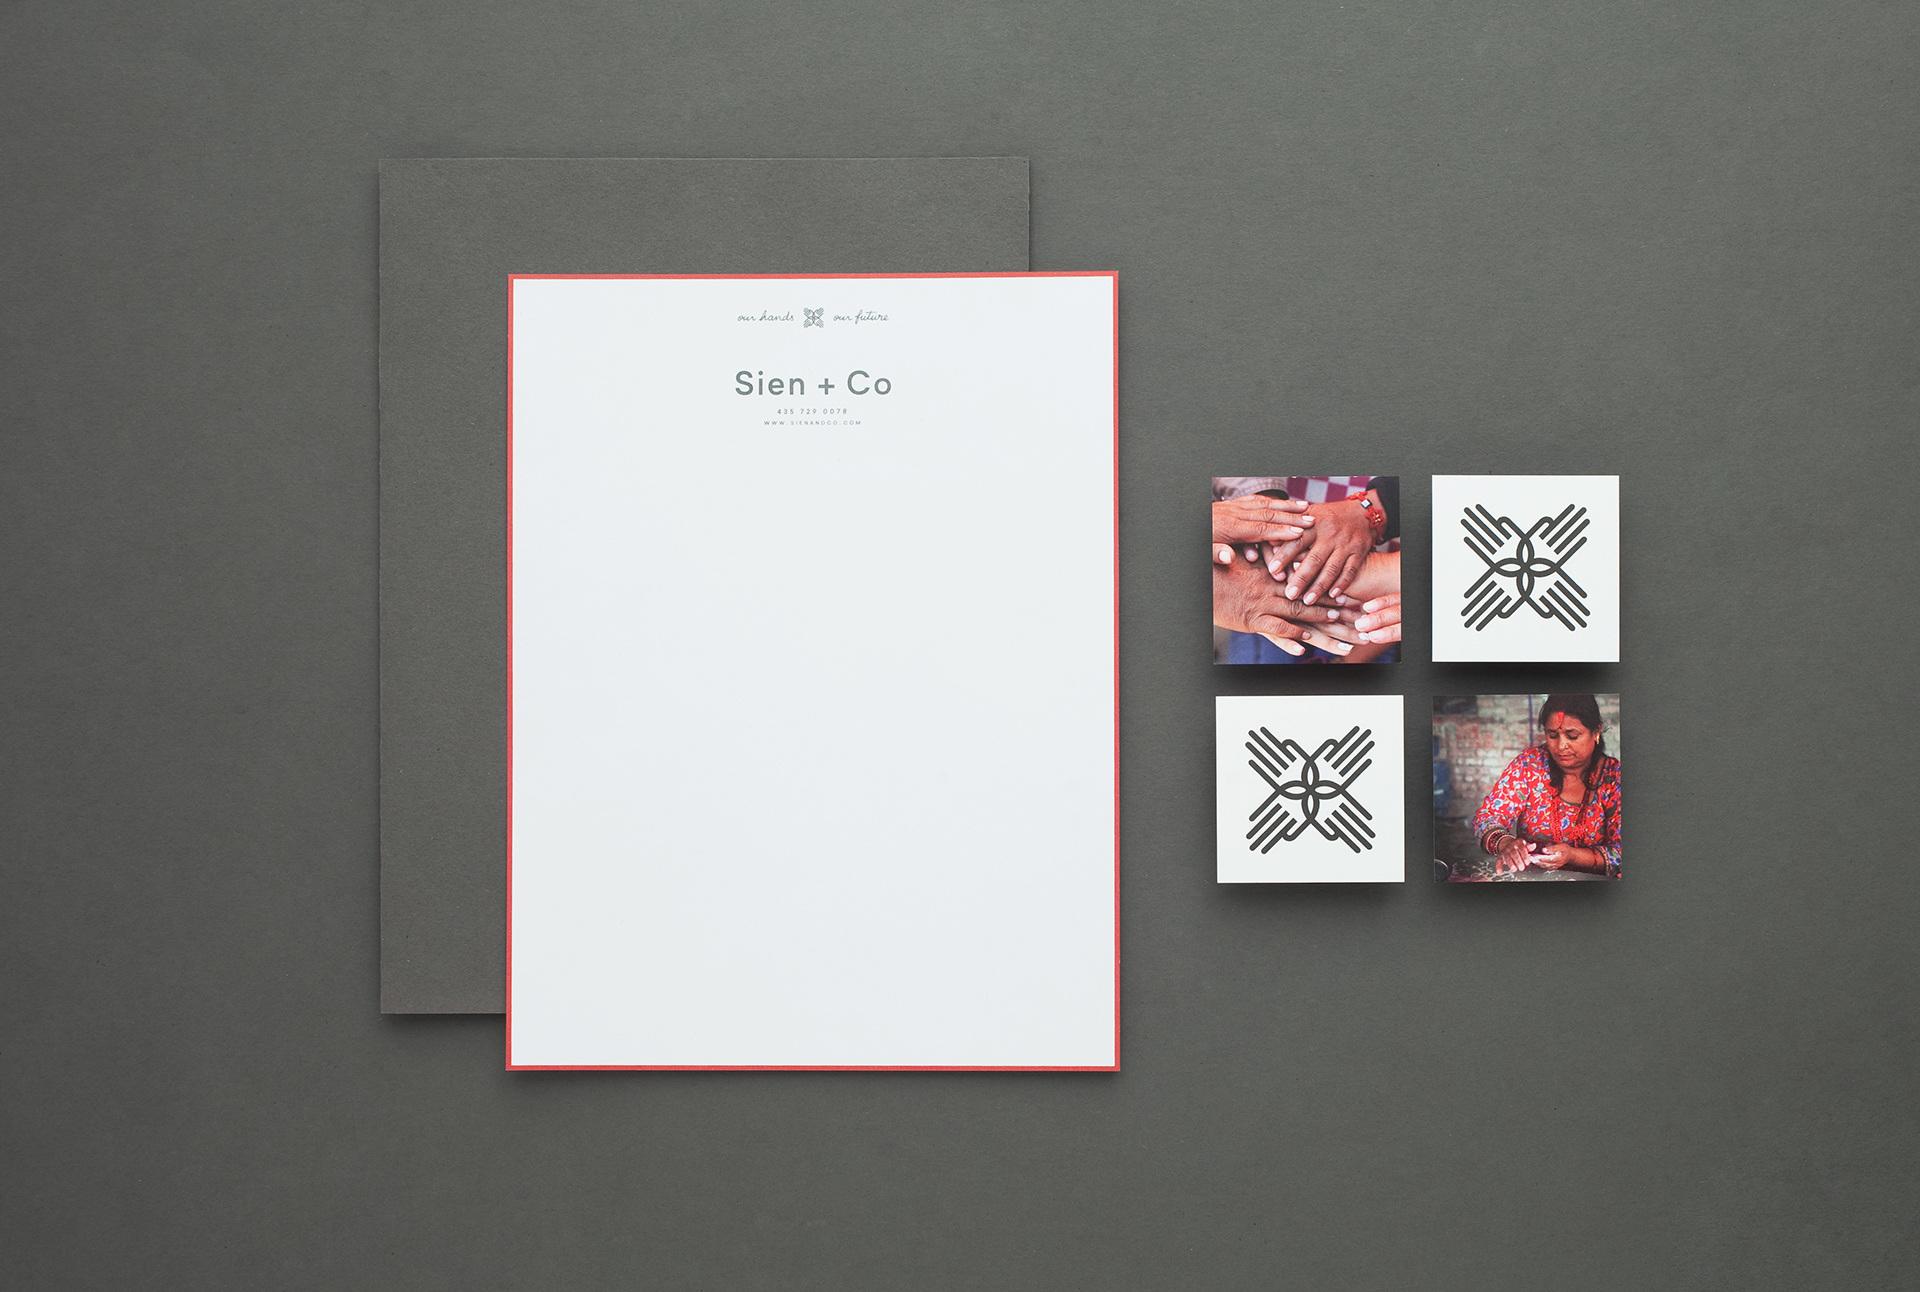 Sien+Co手工针织服饰品牌 欣赏-第7张